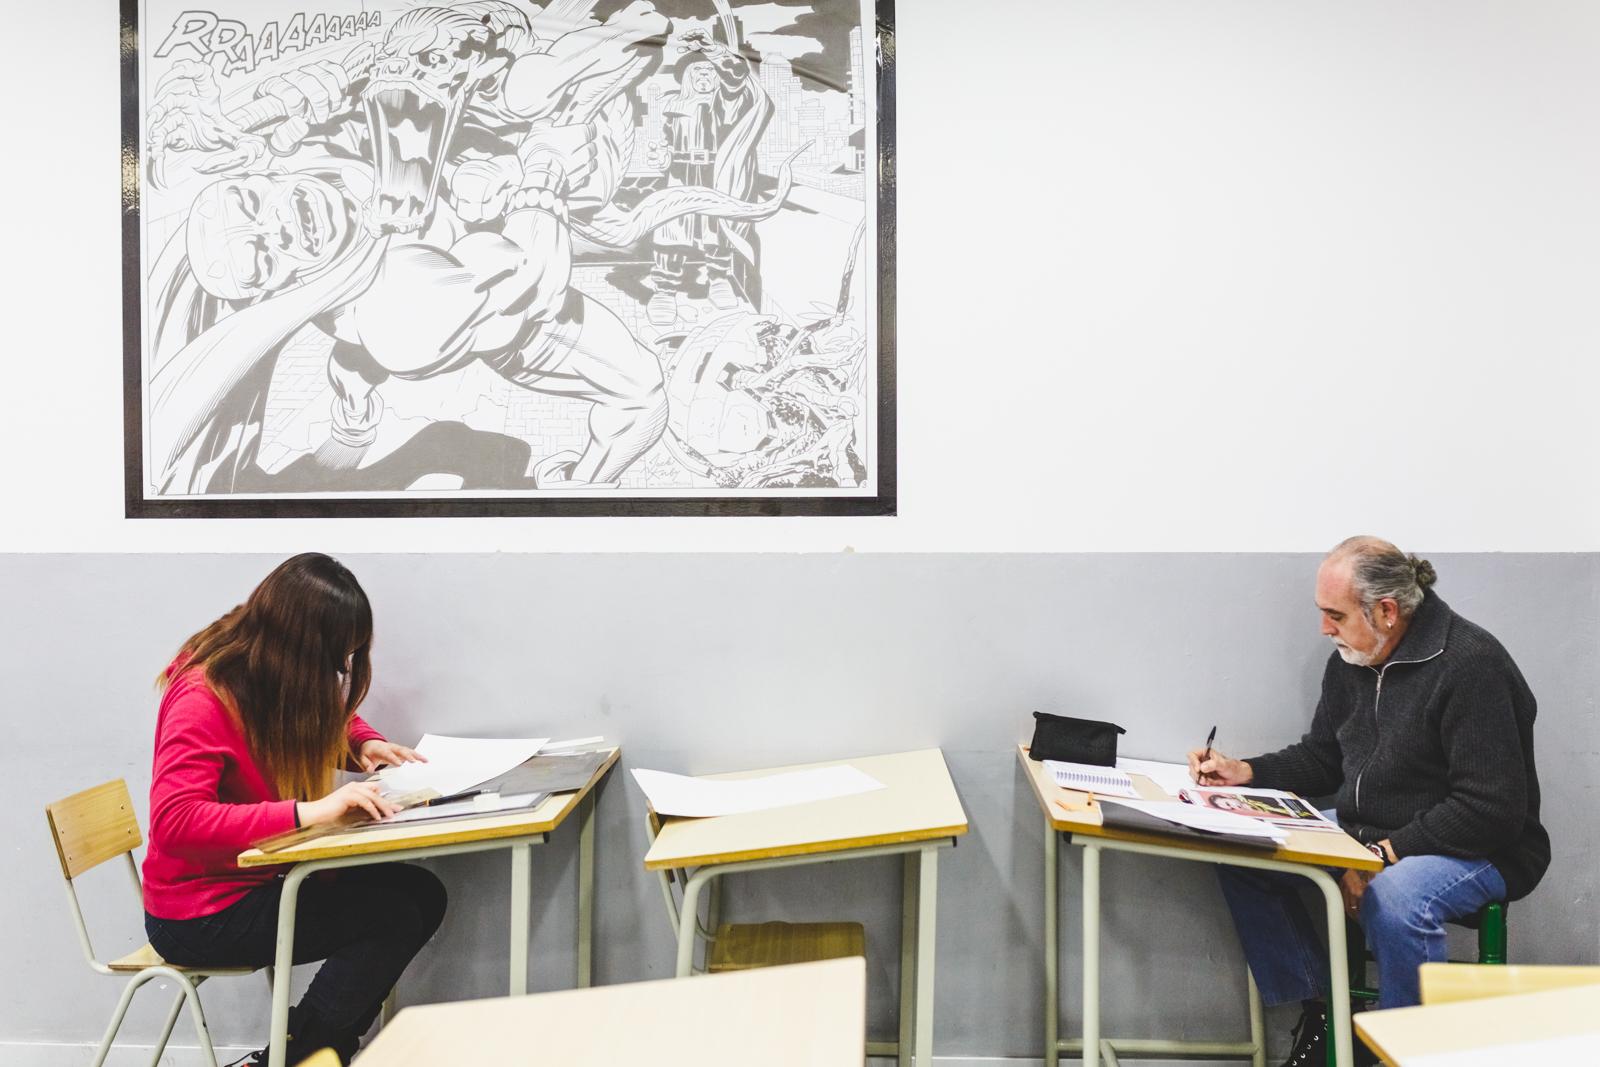 escuela-de-comic-joso-barcelona-gerard-losilla-misshappyflash.jpg